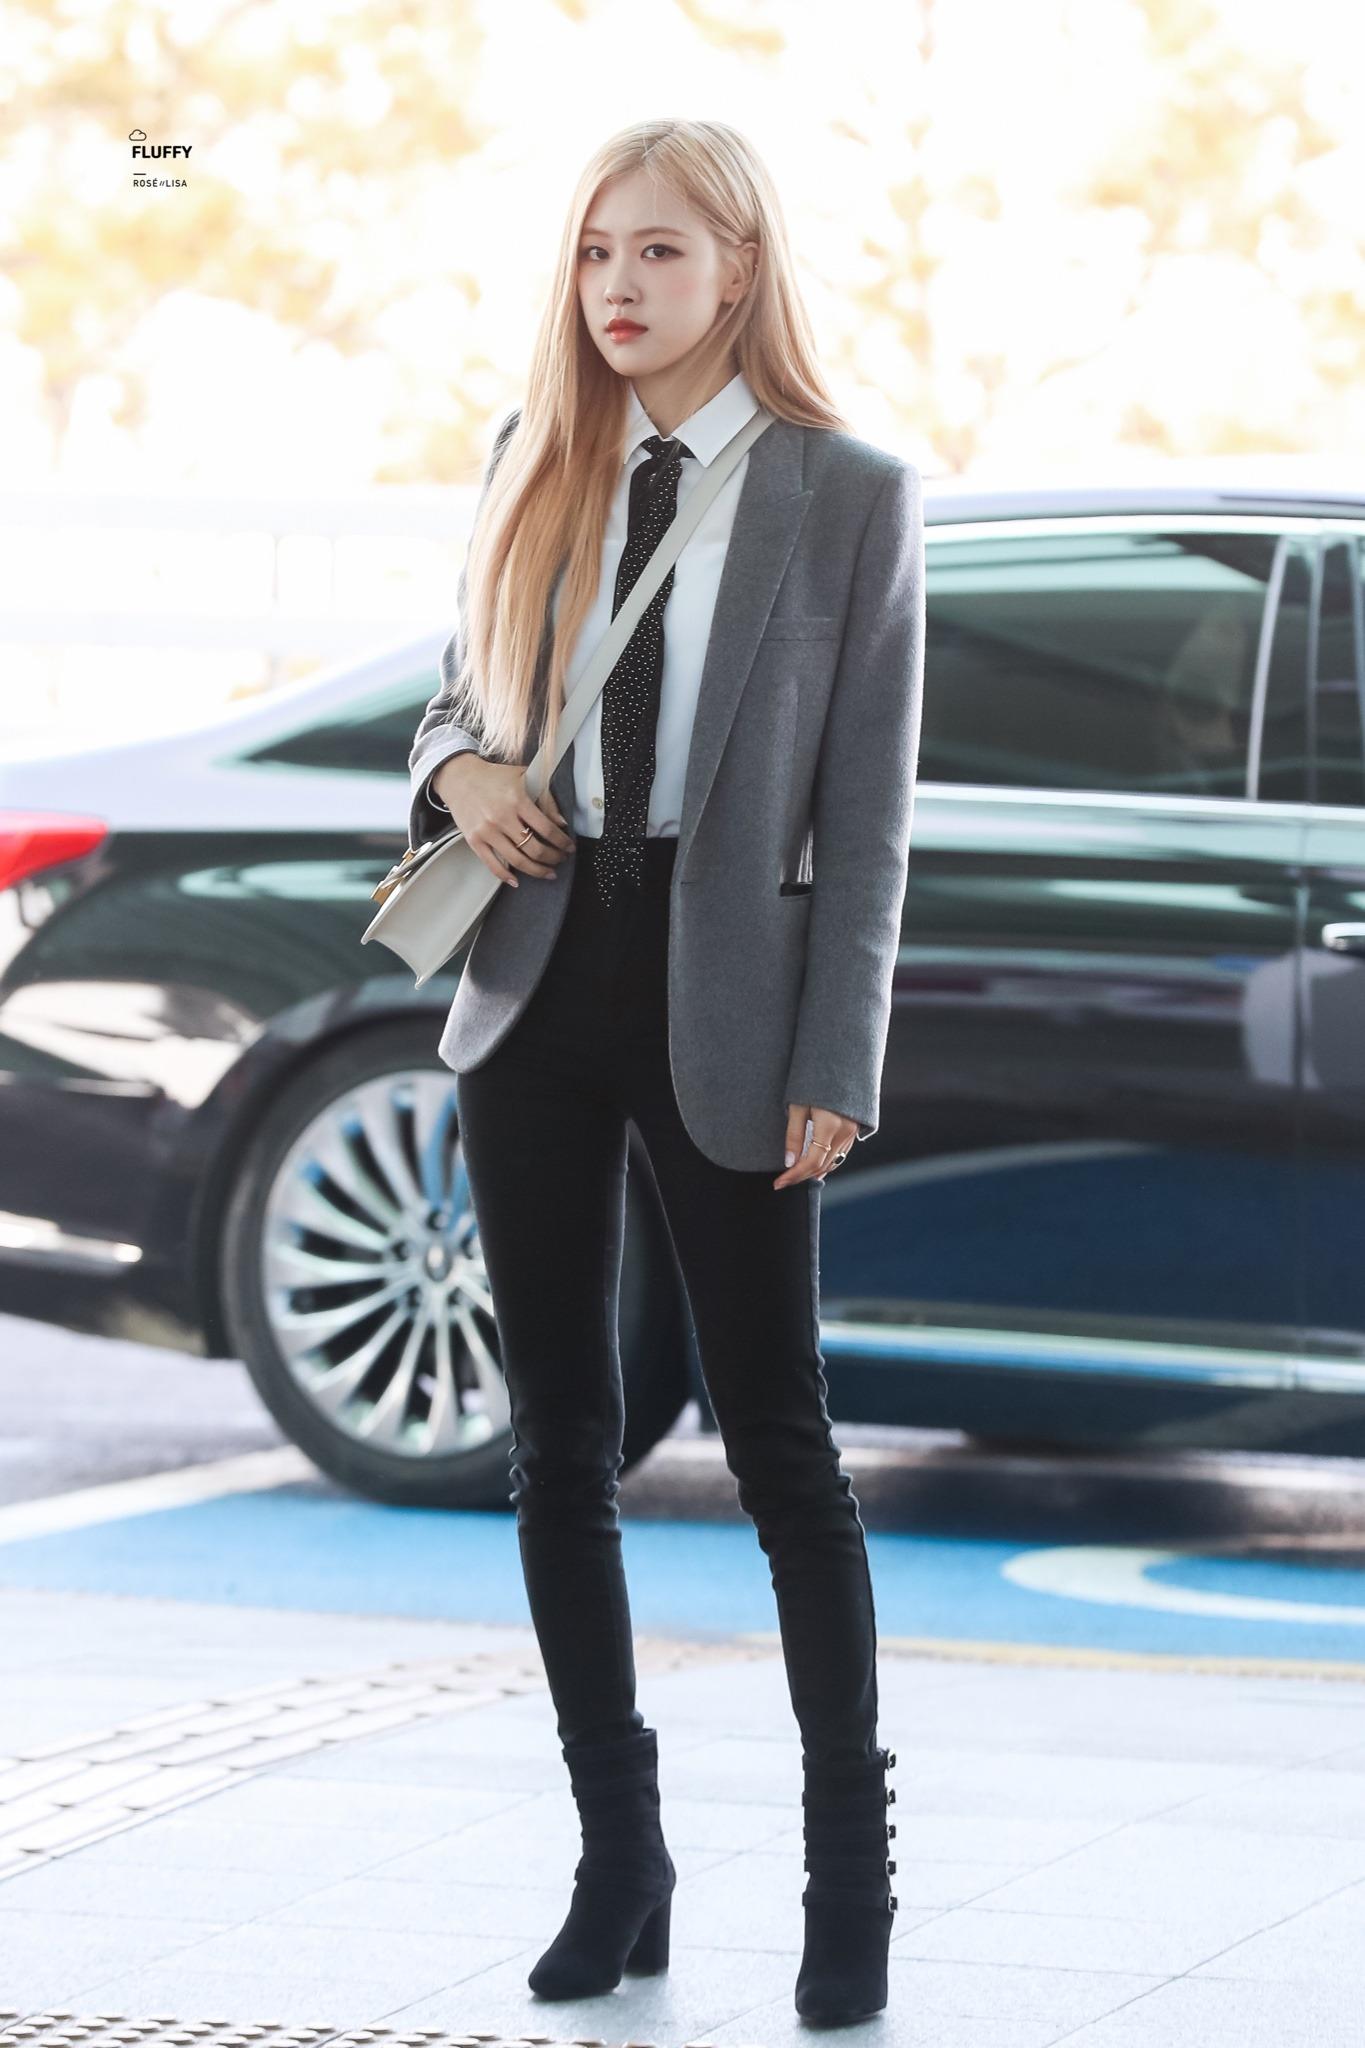 Rose mặc áo blazer đen, sơ mi trắng, đeo cà vạt